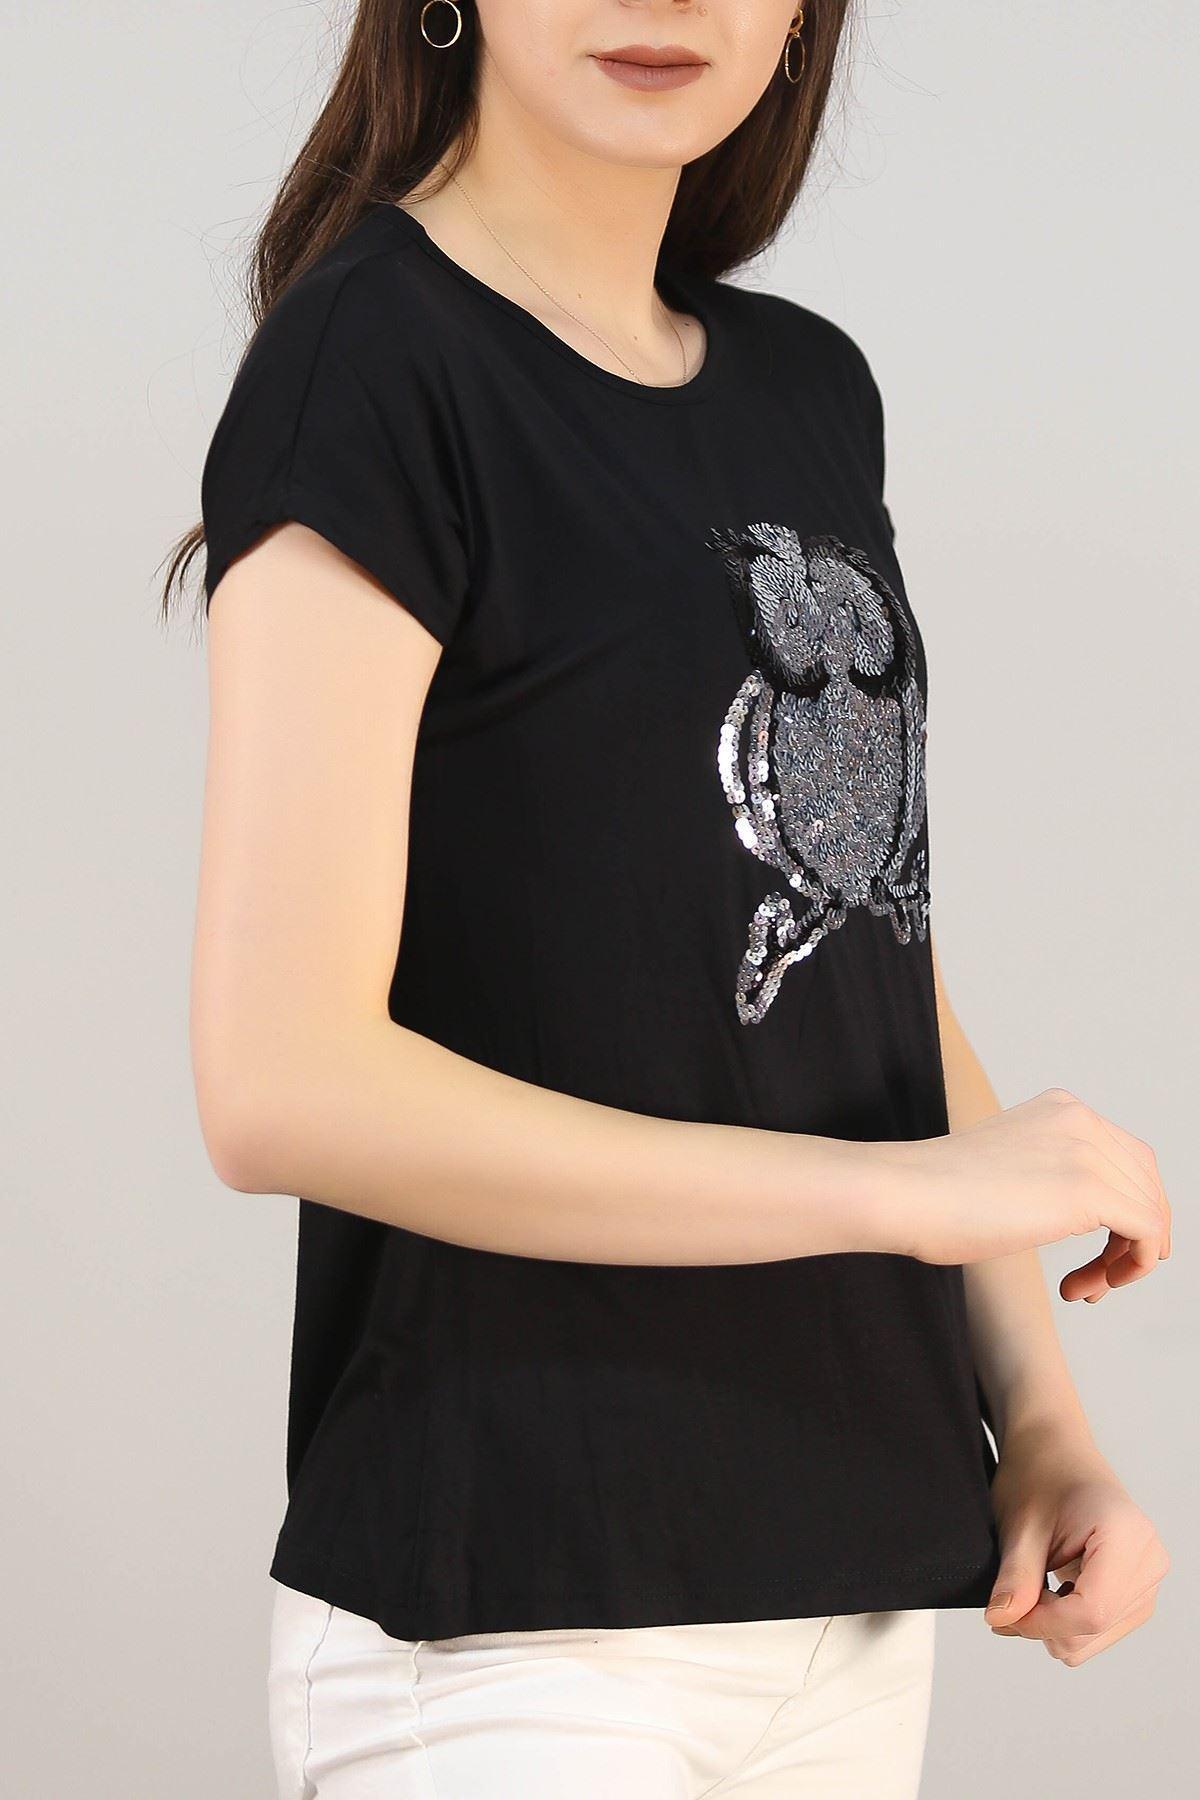 Pullu Baykuş Tişört Siyah - 5030.139.